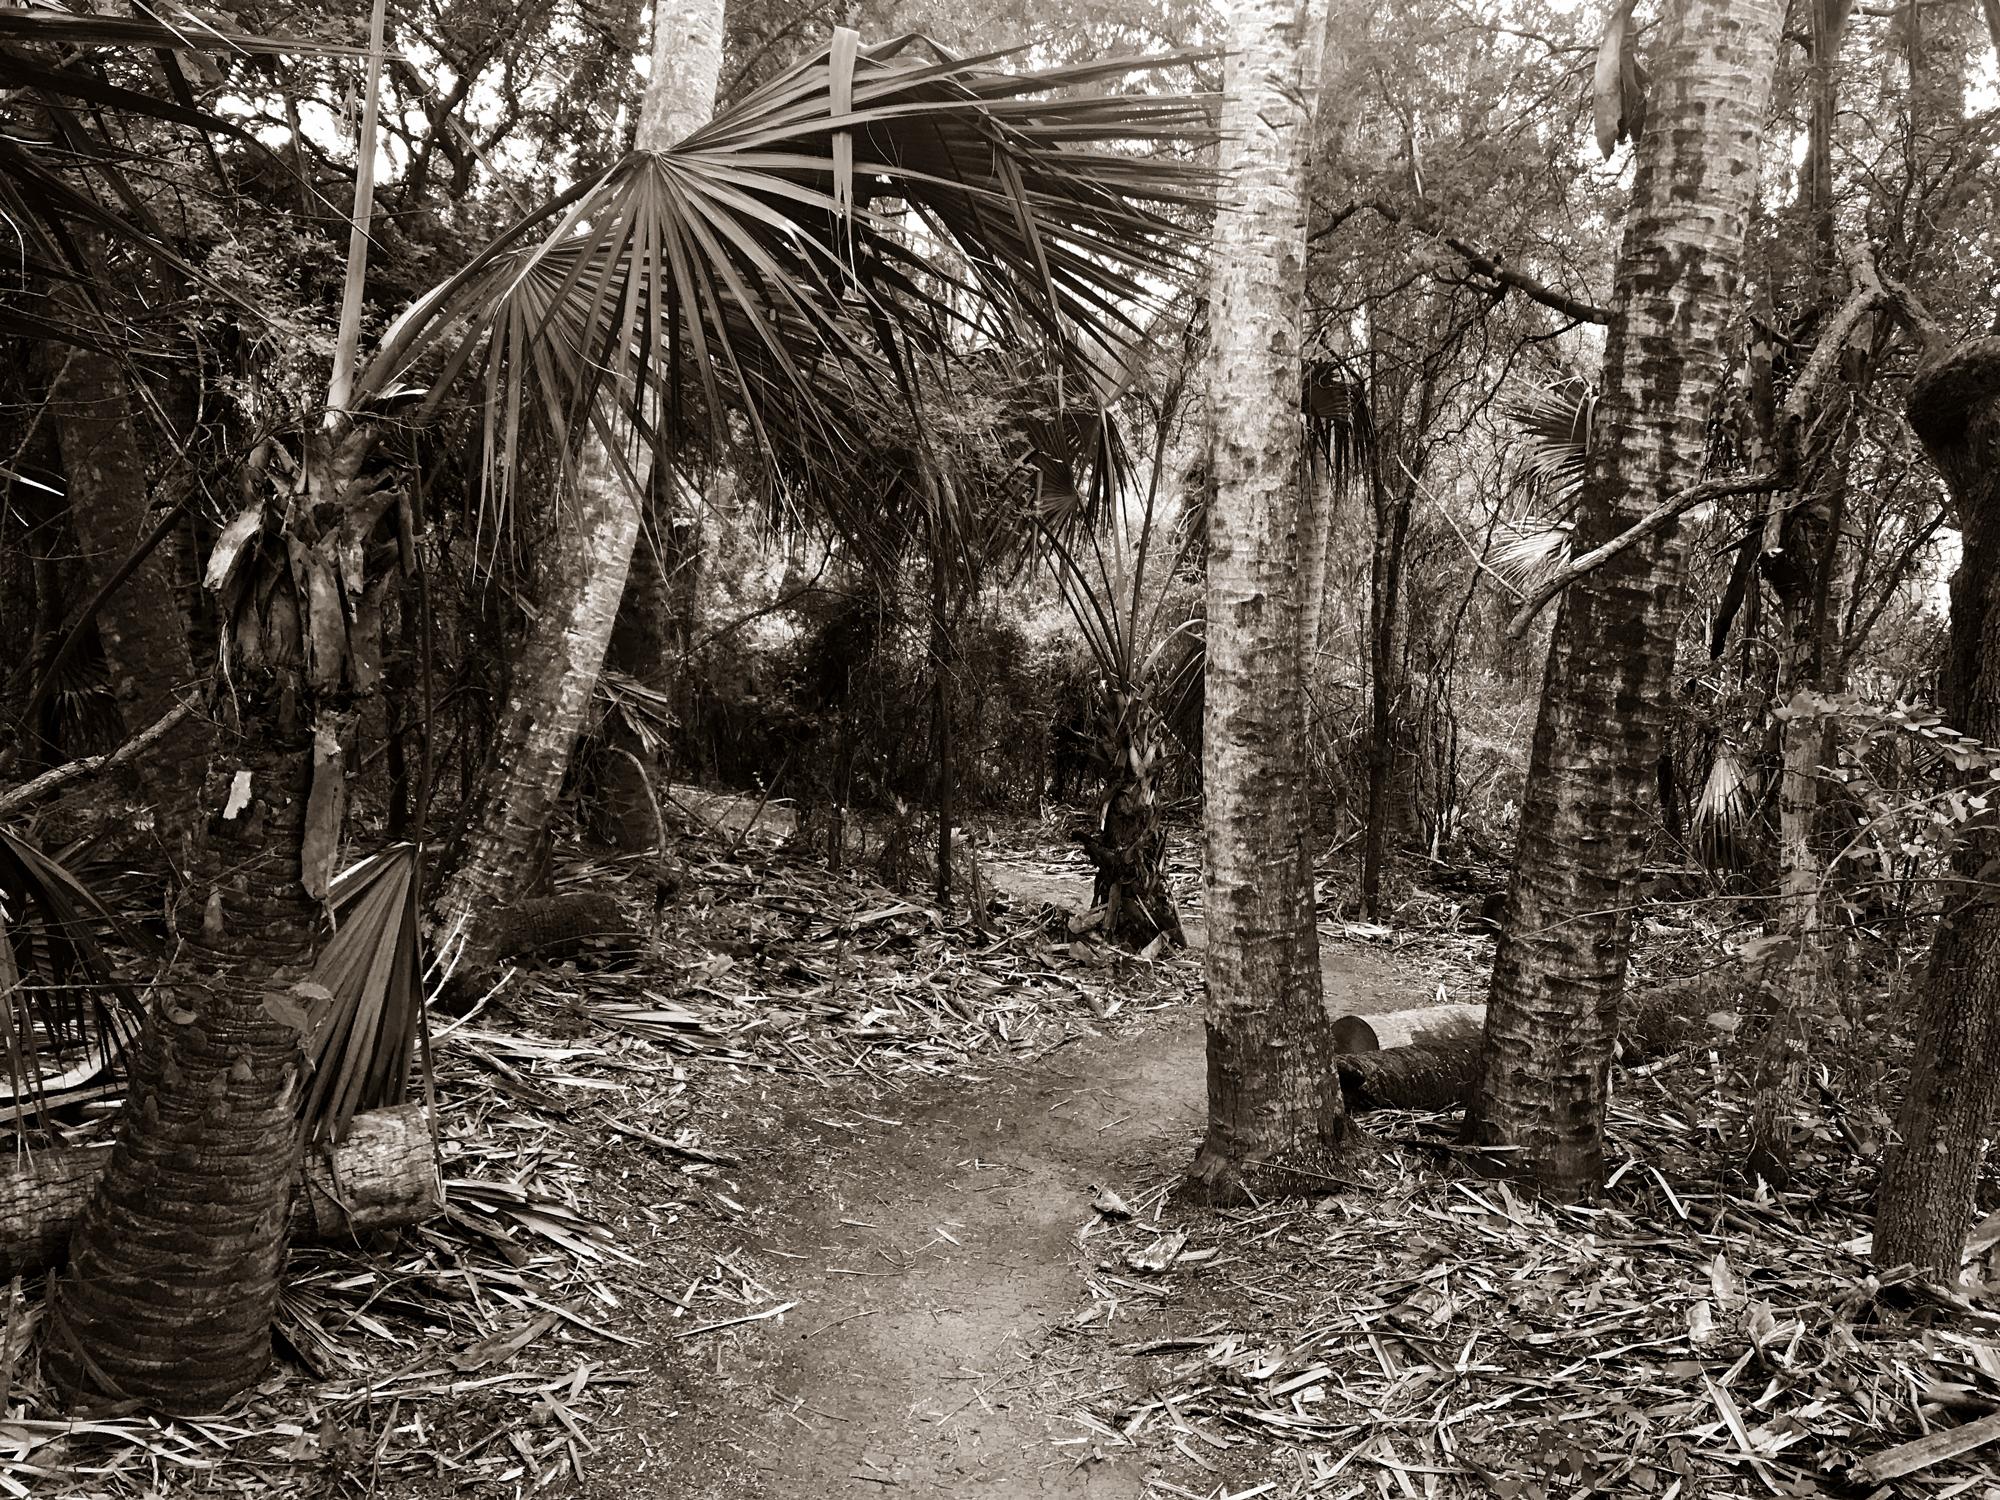 tropical-forrest_bw_web.jpg